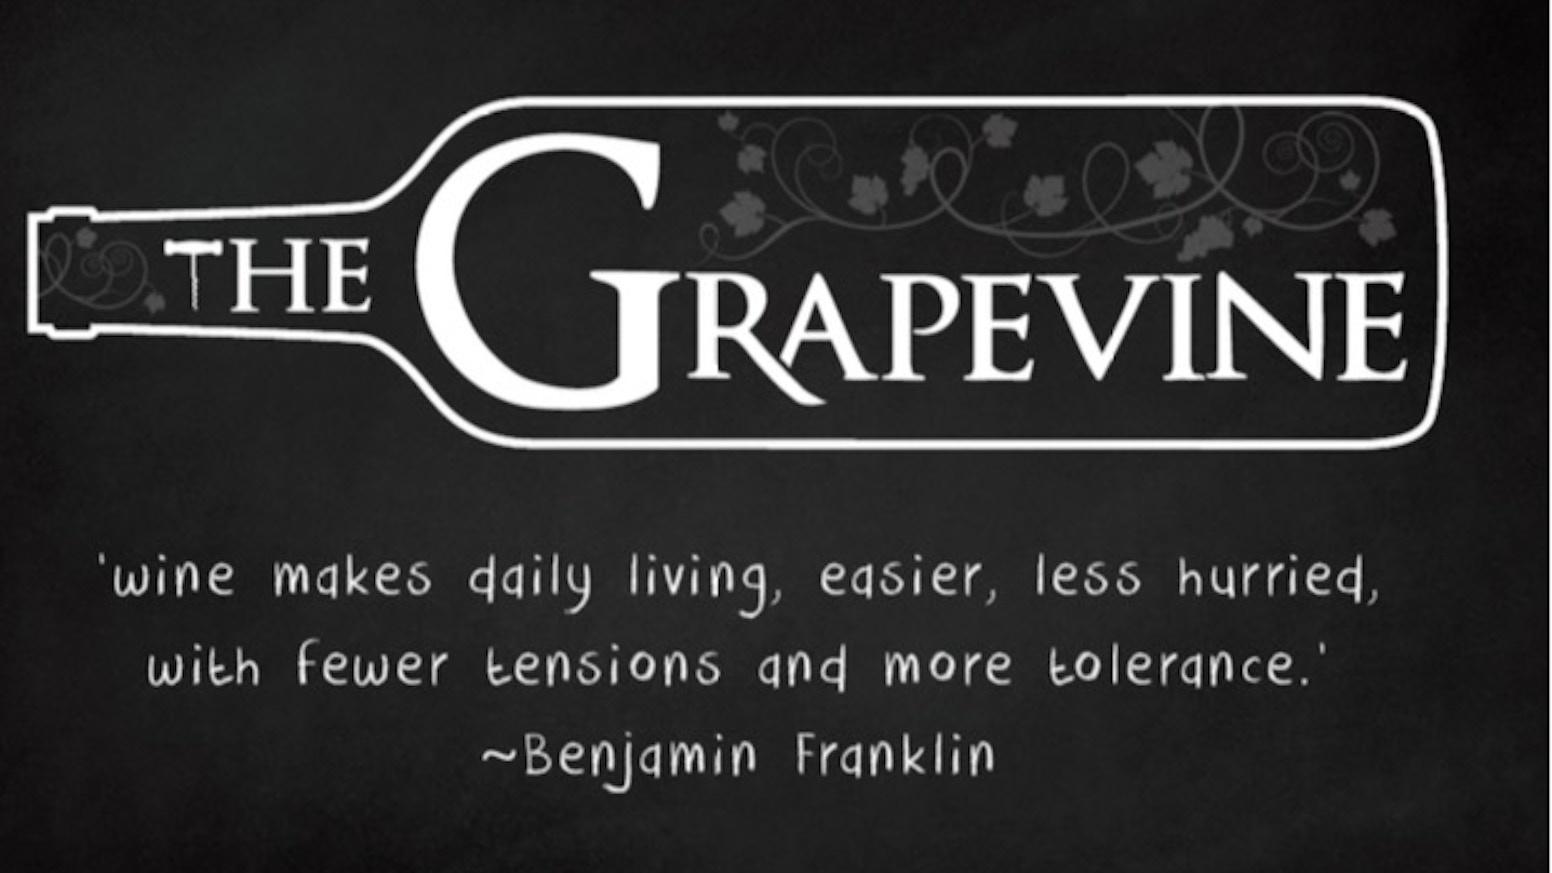 The Grapevine Morgan Hill